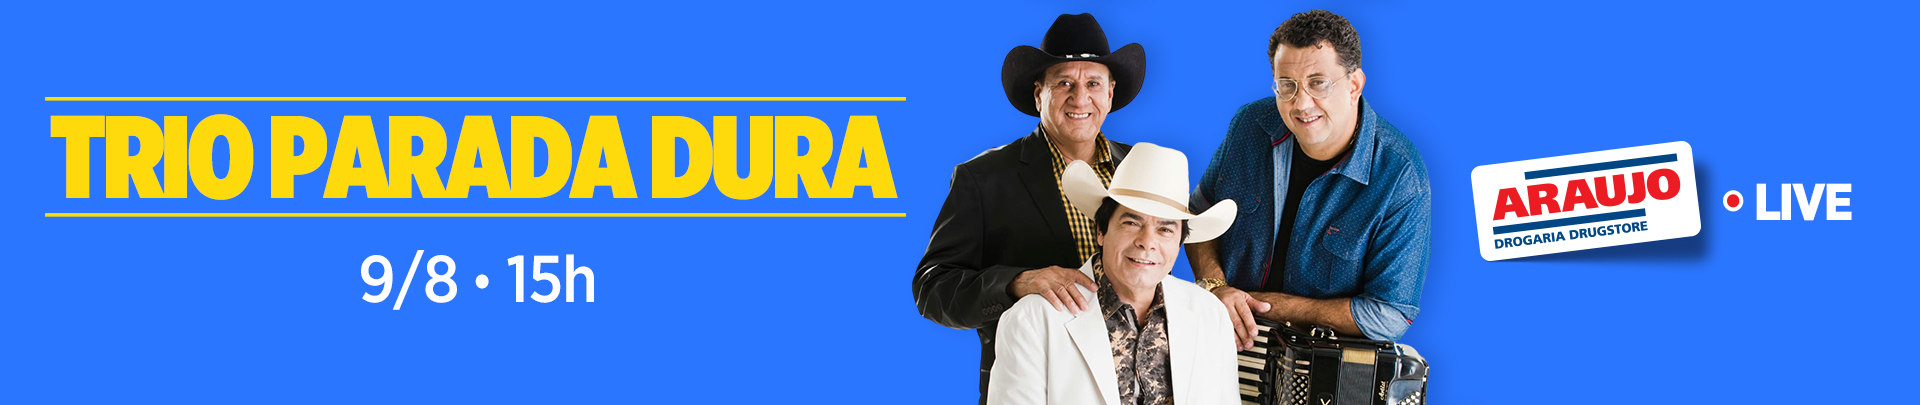 Trio_parada_dura